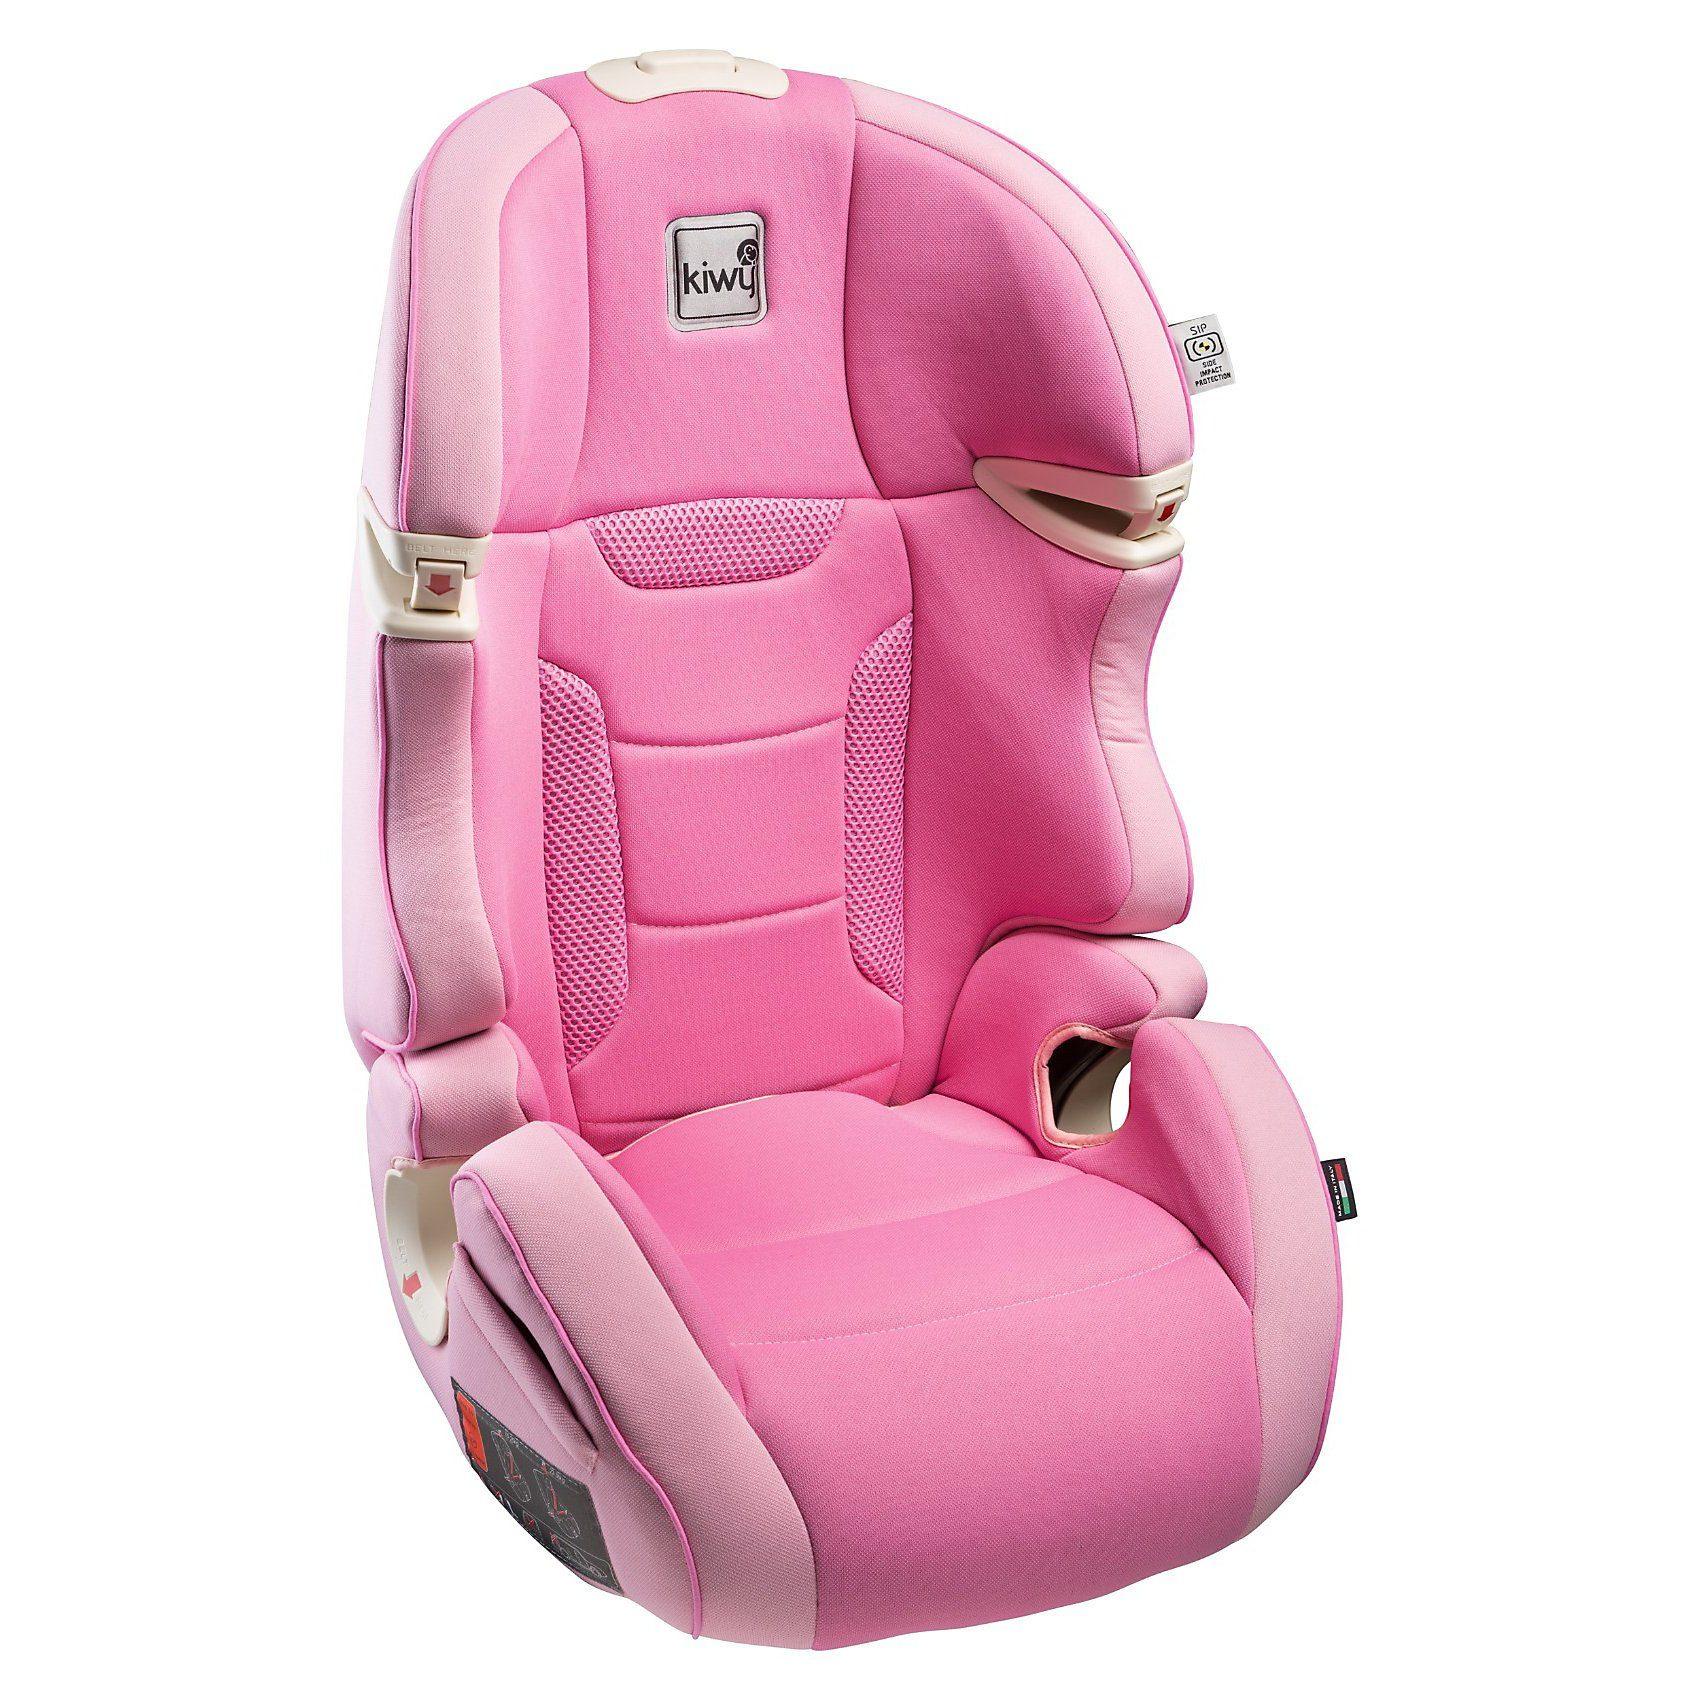 Kiwy Auto-Kindersitz S23, candy, 2016